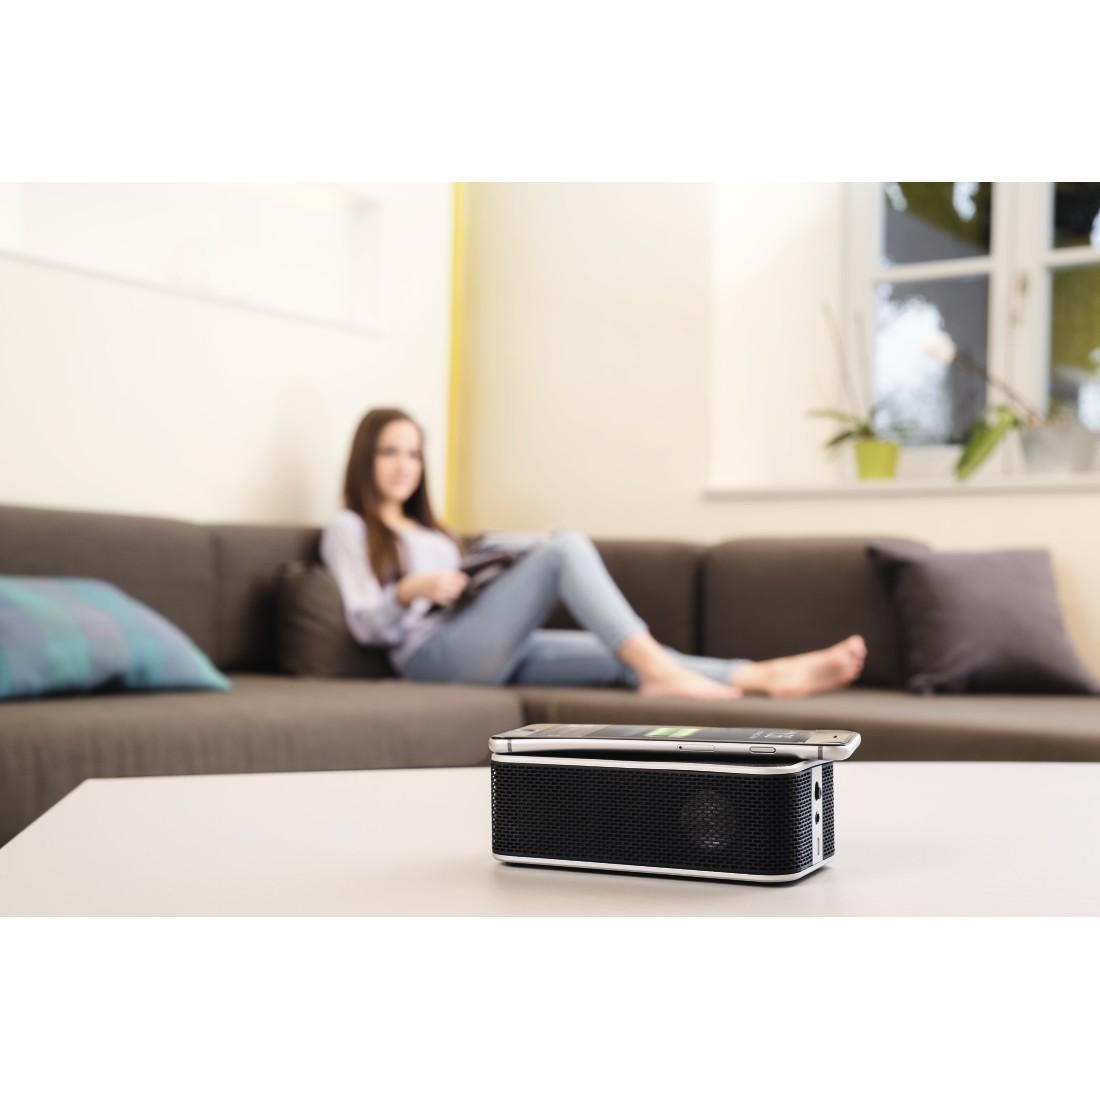 Full Size of Couch Mit Lautsprecher Sofa Poco Bluetooth Integriertem Eingebauten Lautsprechern Und Licht Led Musikboxen 00173160 Hama Qi Power Brick Eck Esstisch Baumkante Wohnzimmer Sofa Mit Musikboxen